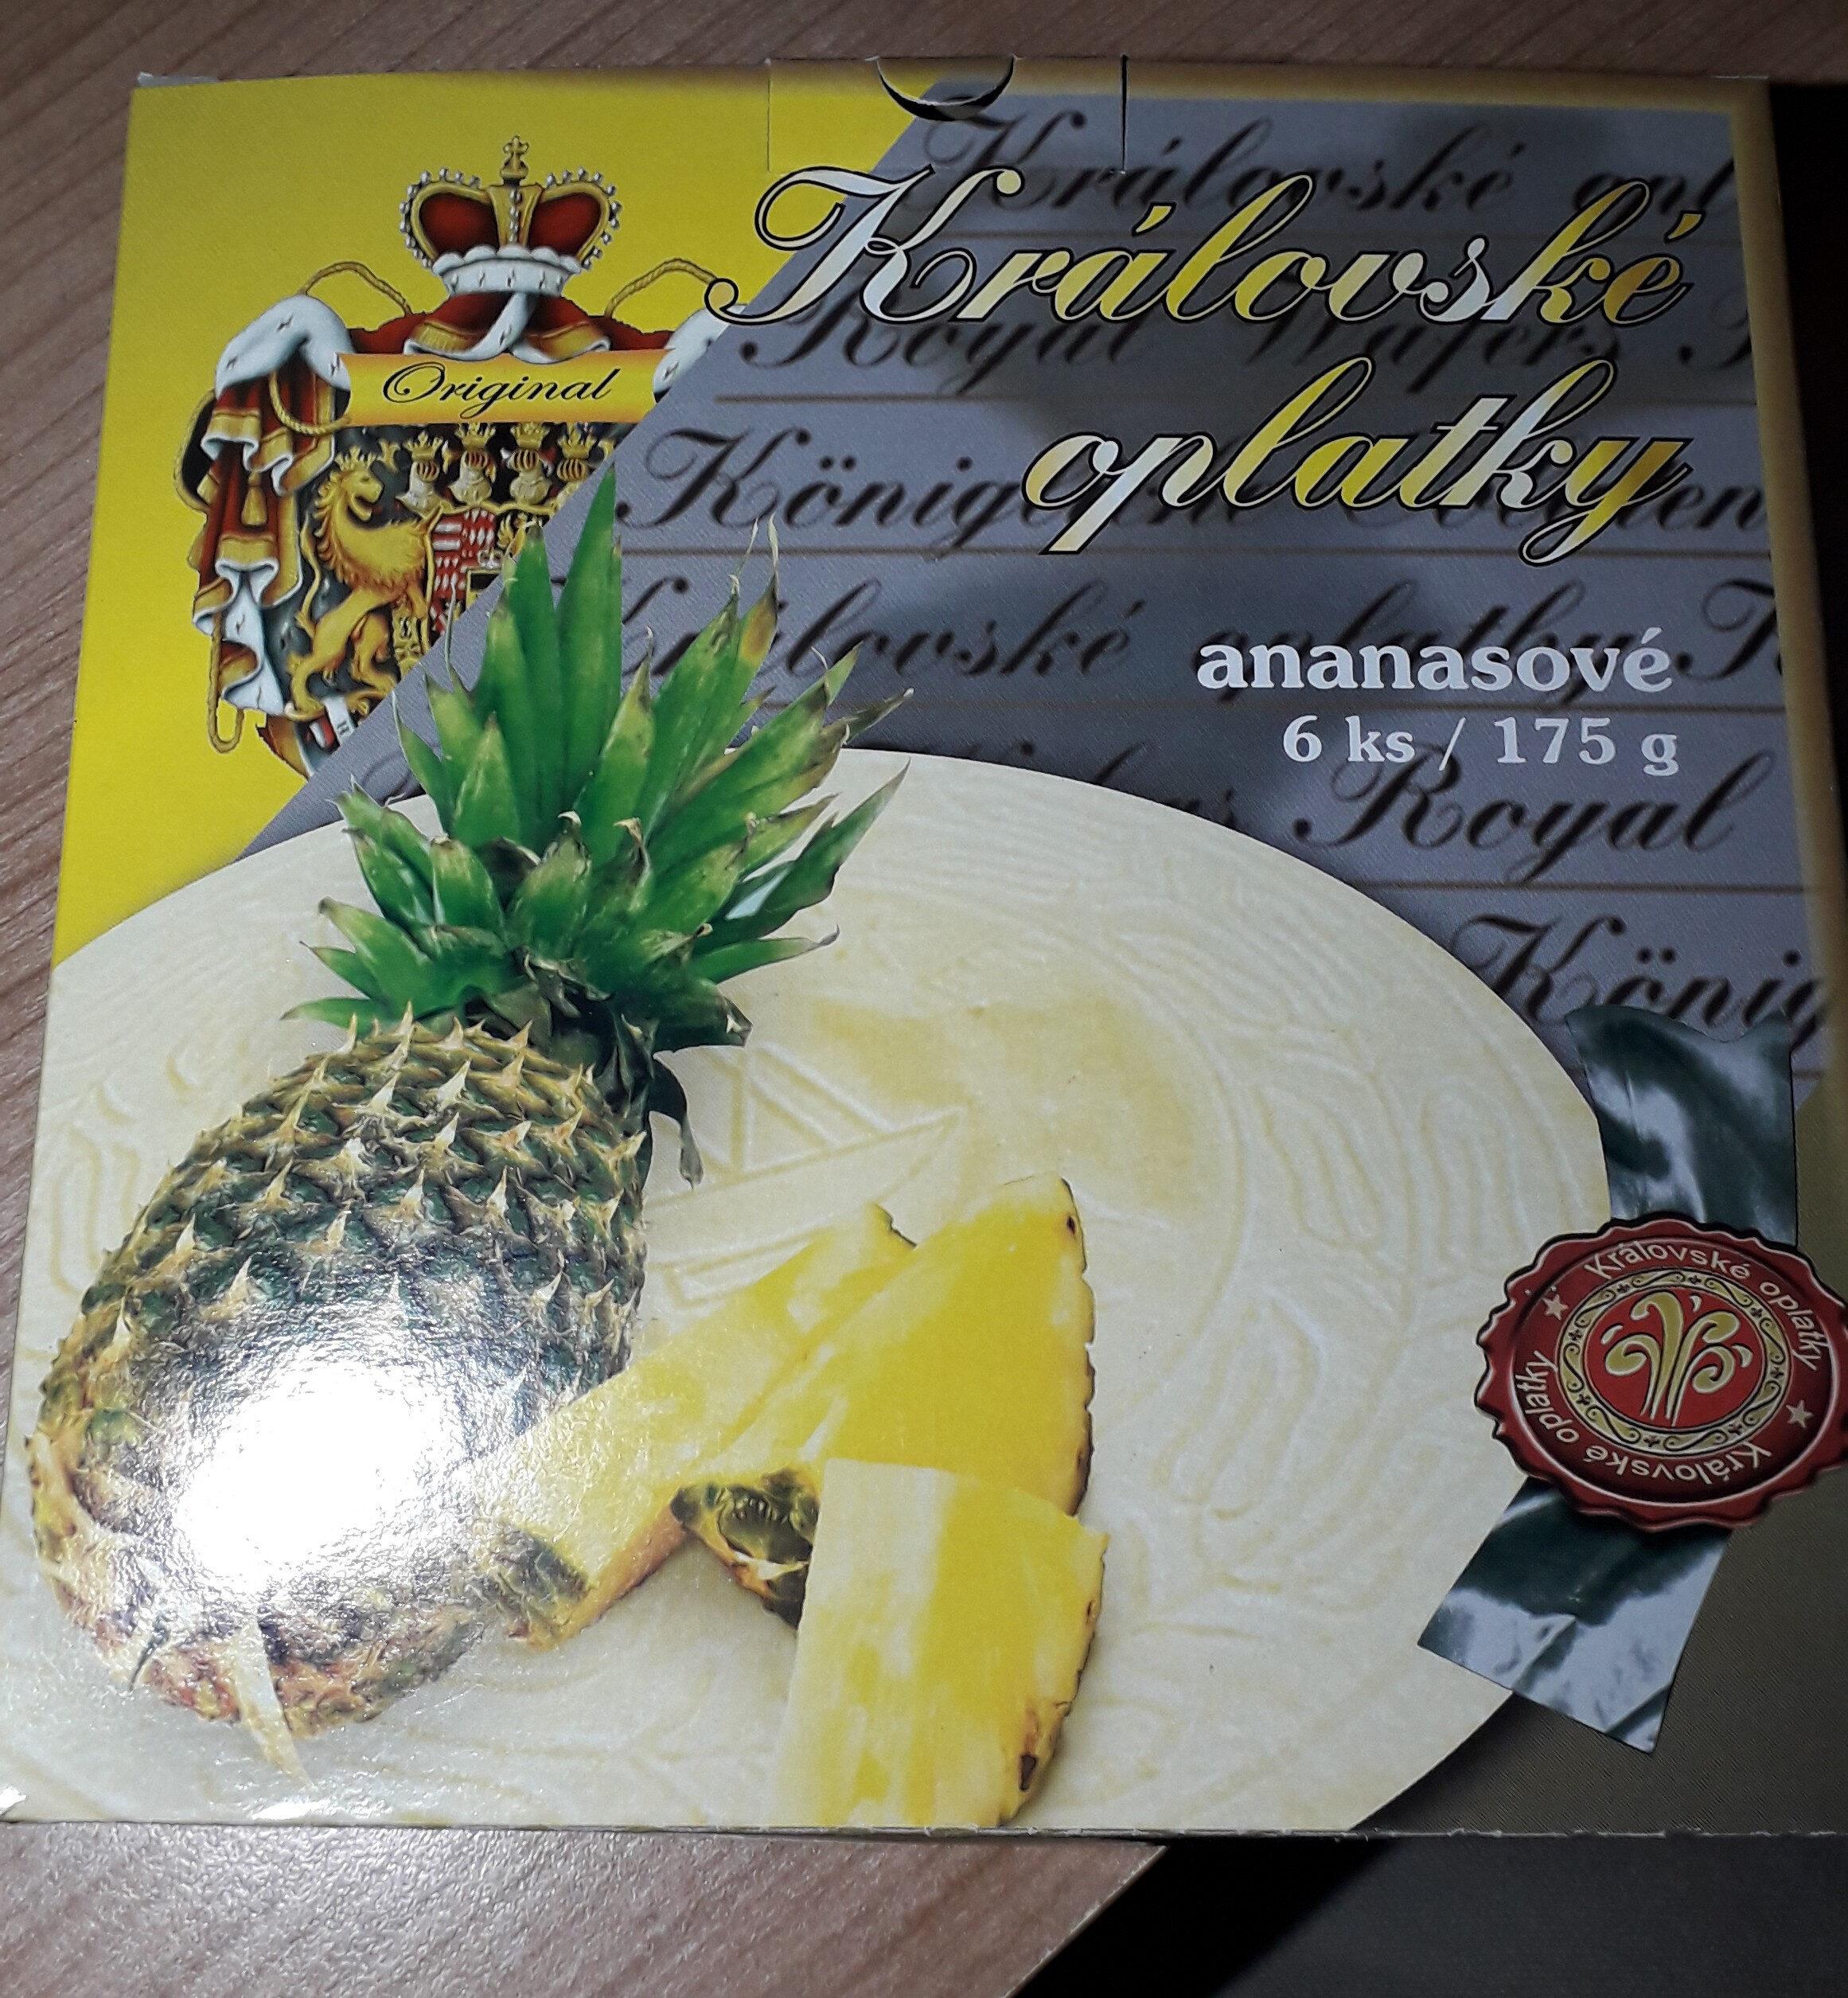 Královské oplatky - ananasové - Produit - cs